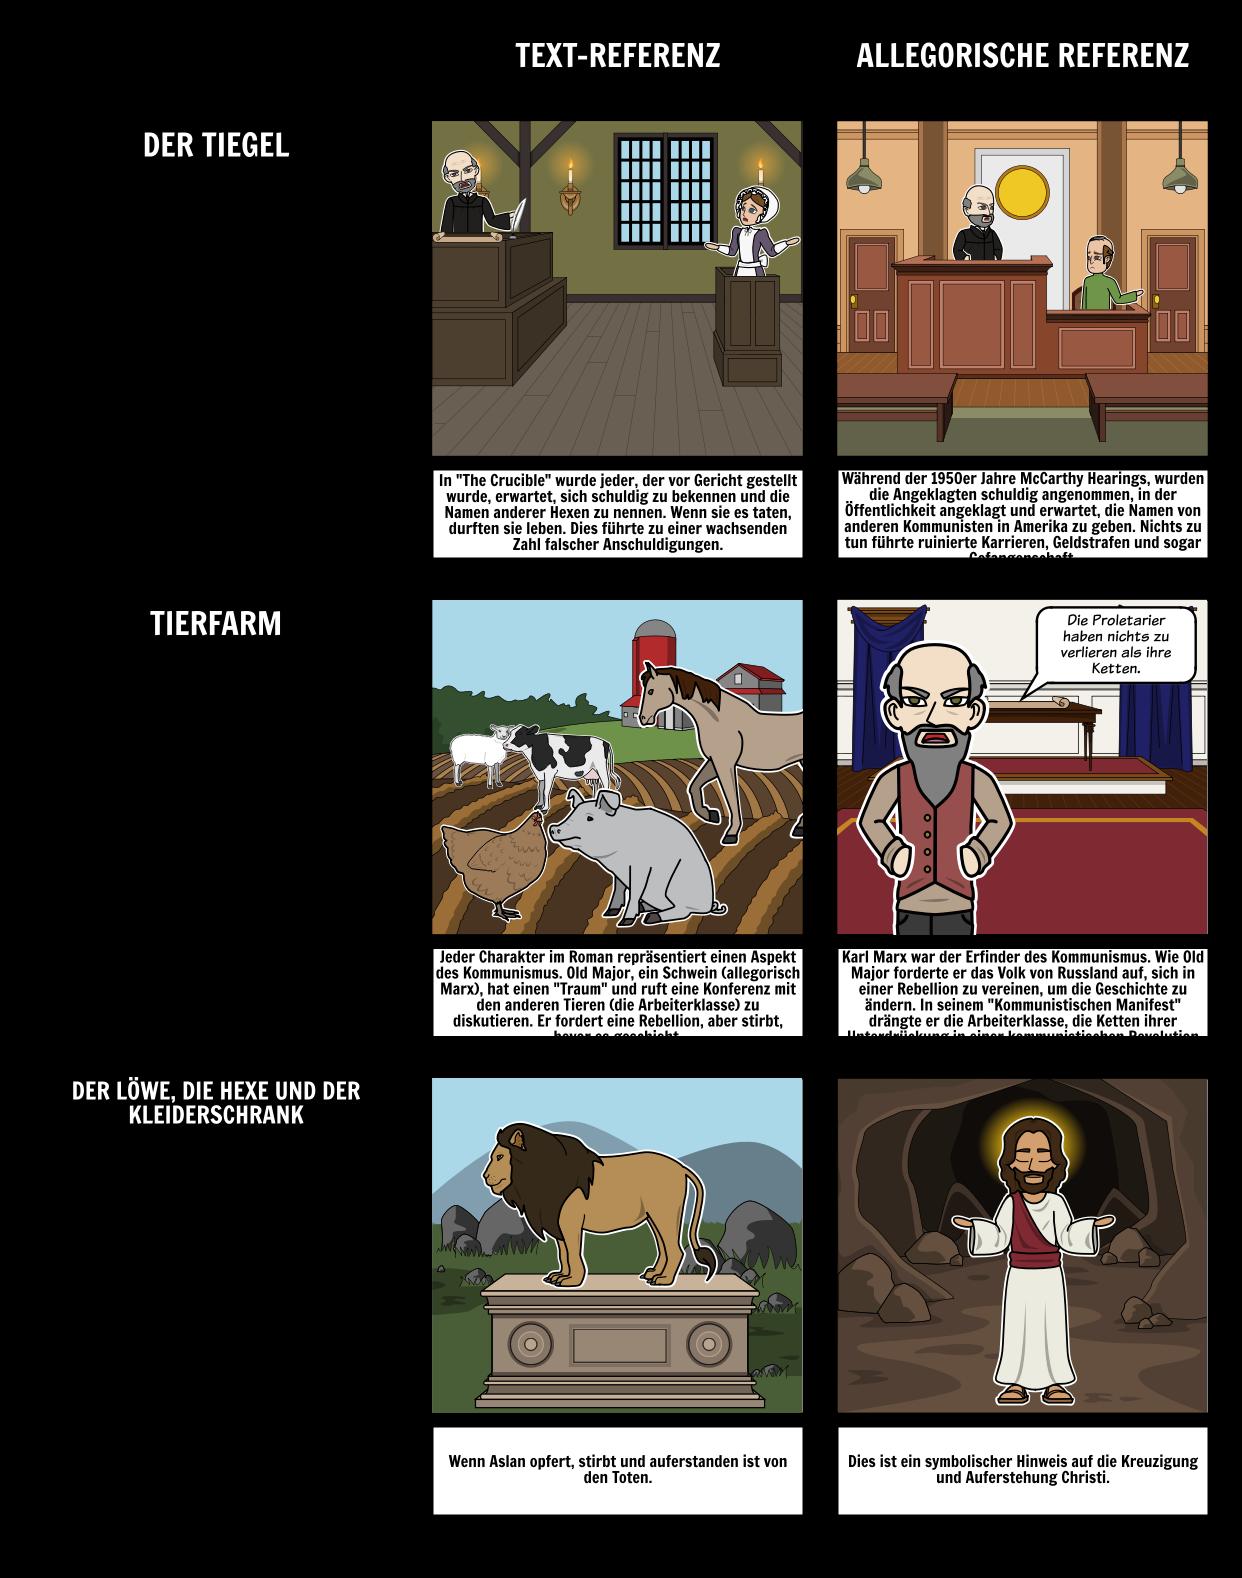 Allegorie Beispiele